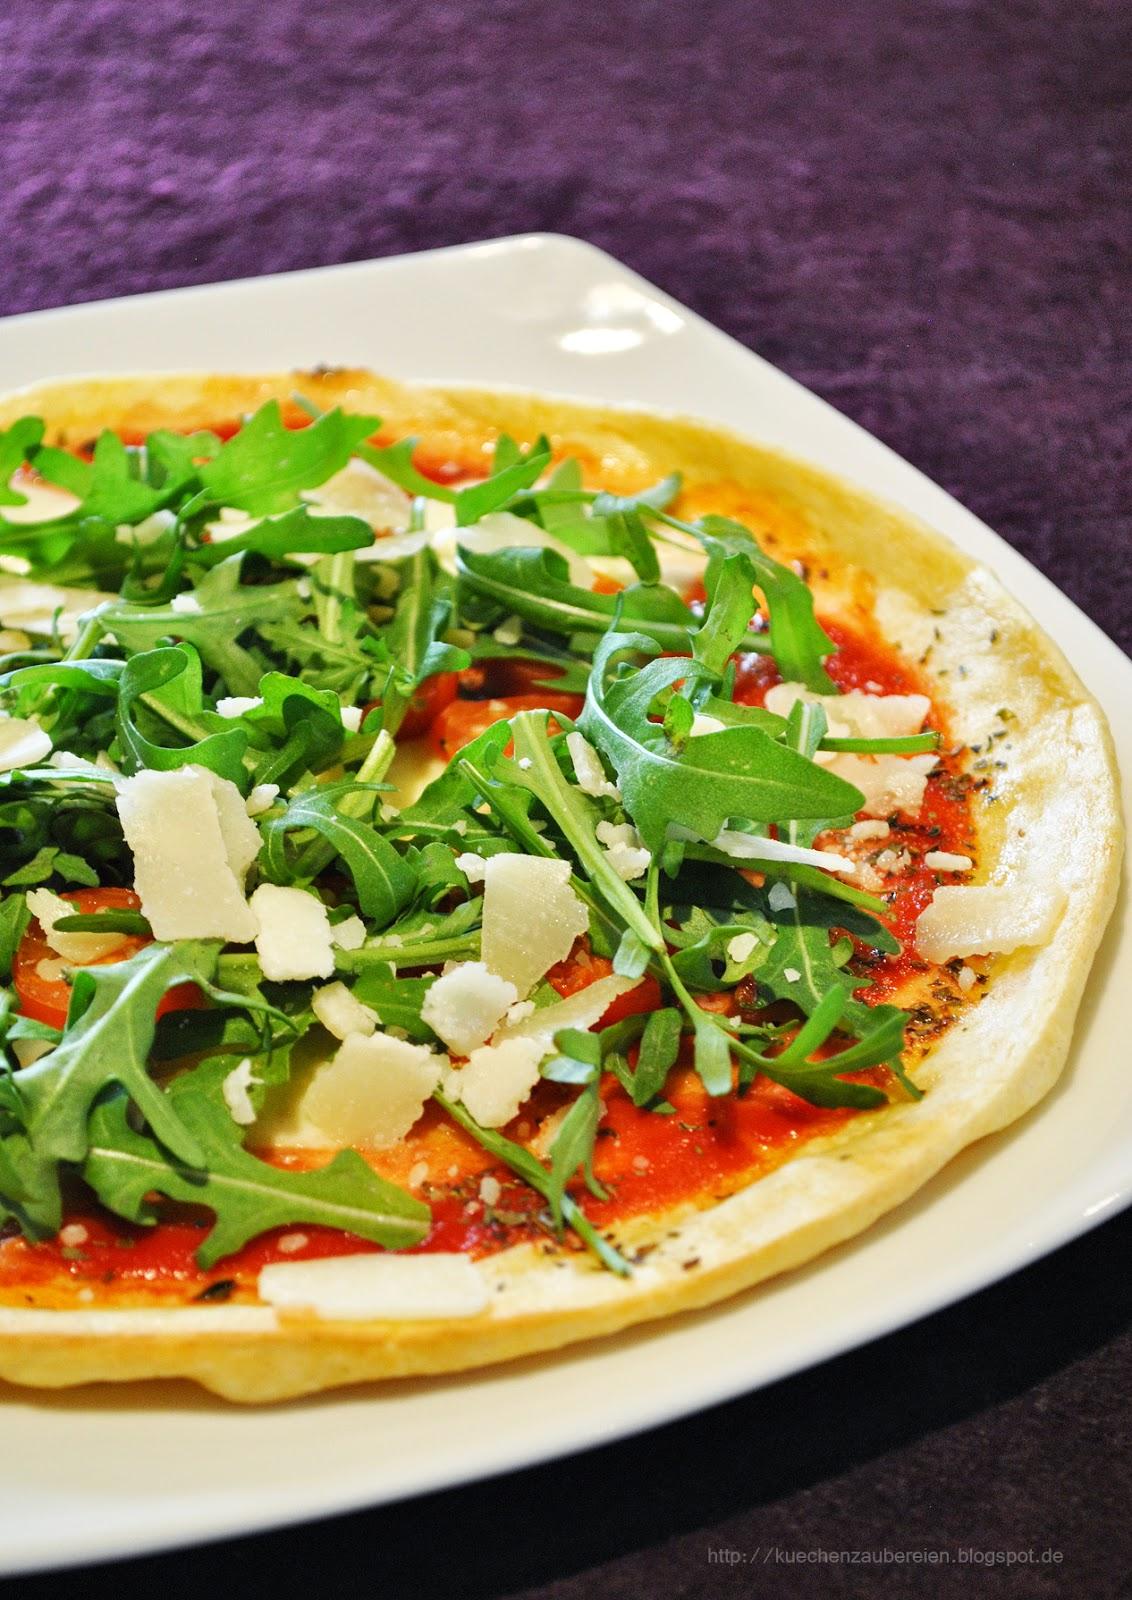 k chenzaubereien vegetarische pfannkuchen pizza mit tomaten mozzarella rucola parmesan. Black Bedroom Furniture Sets. Home Design Ideas